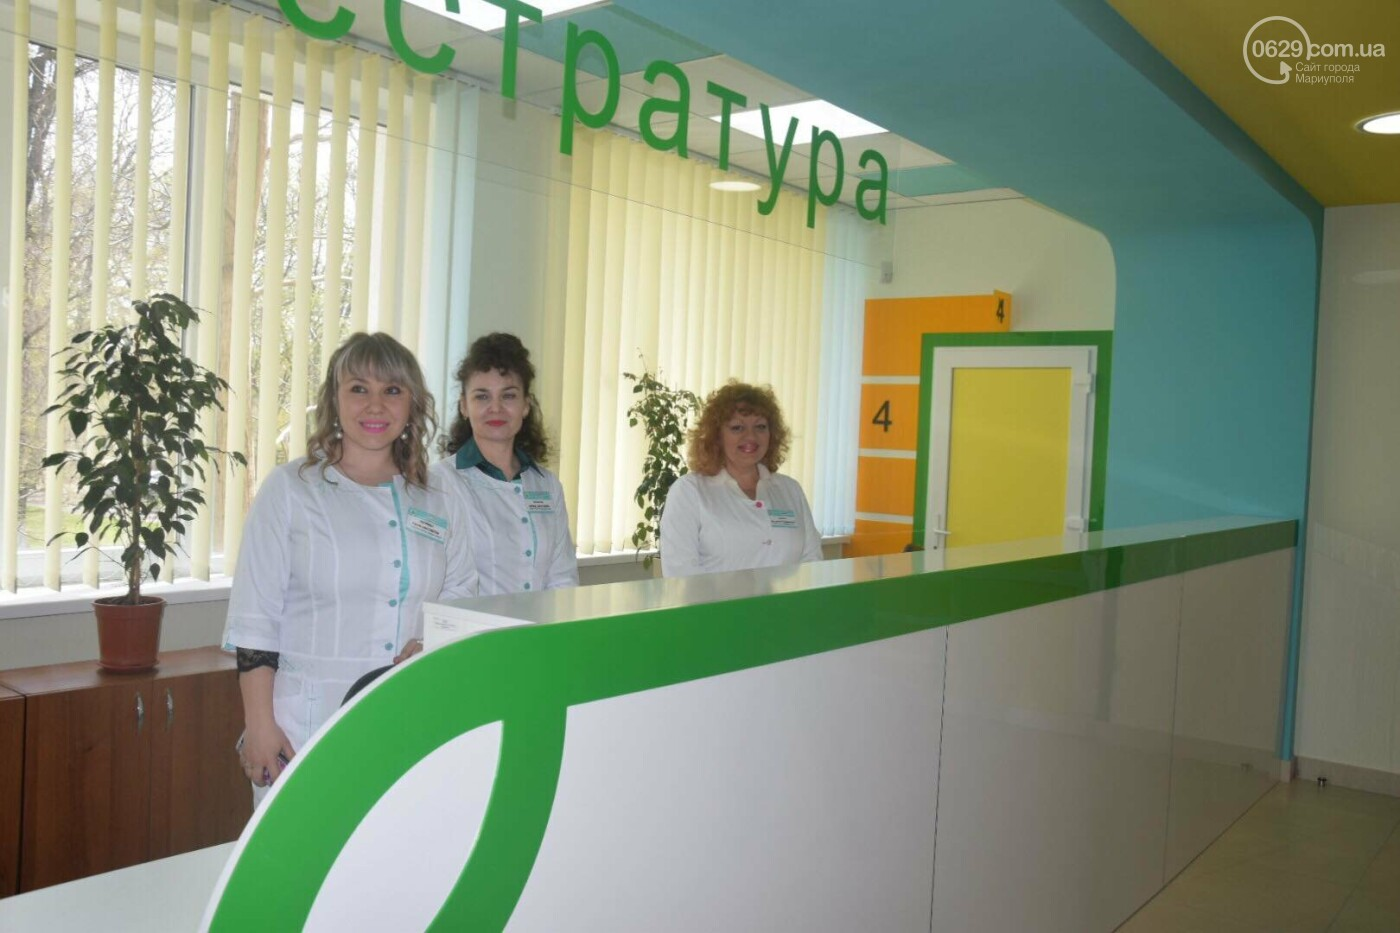 В Мариуполе Владимир Гройсман открыл детскую поликлинику и познакомился с Сережей, - ФОТОРЕПОРТАЖ, ВИДЕО, фото-6